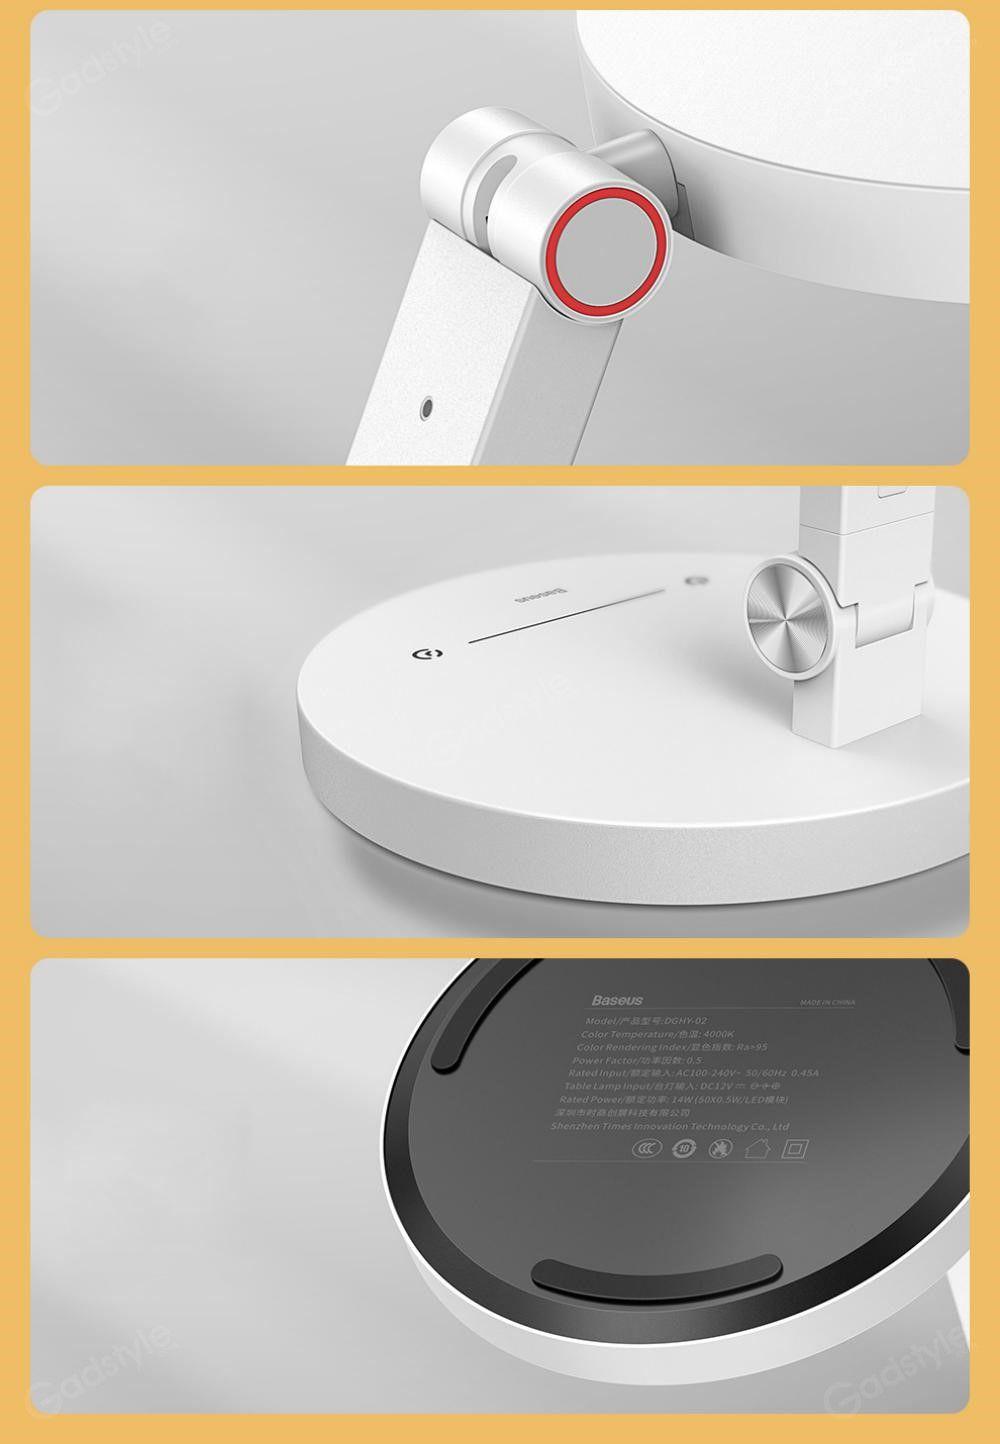 Baseus Dghy 02 Smart Eye Series Full Spectrum Eye Protective Desk Lamp (6)